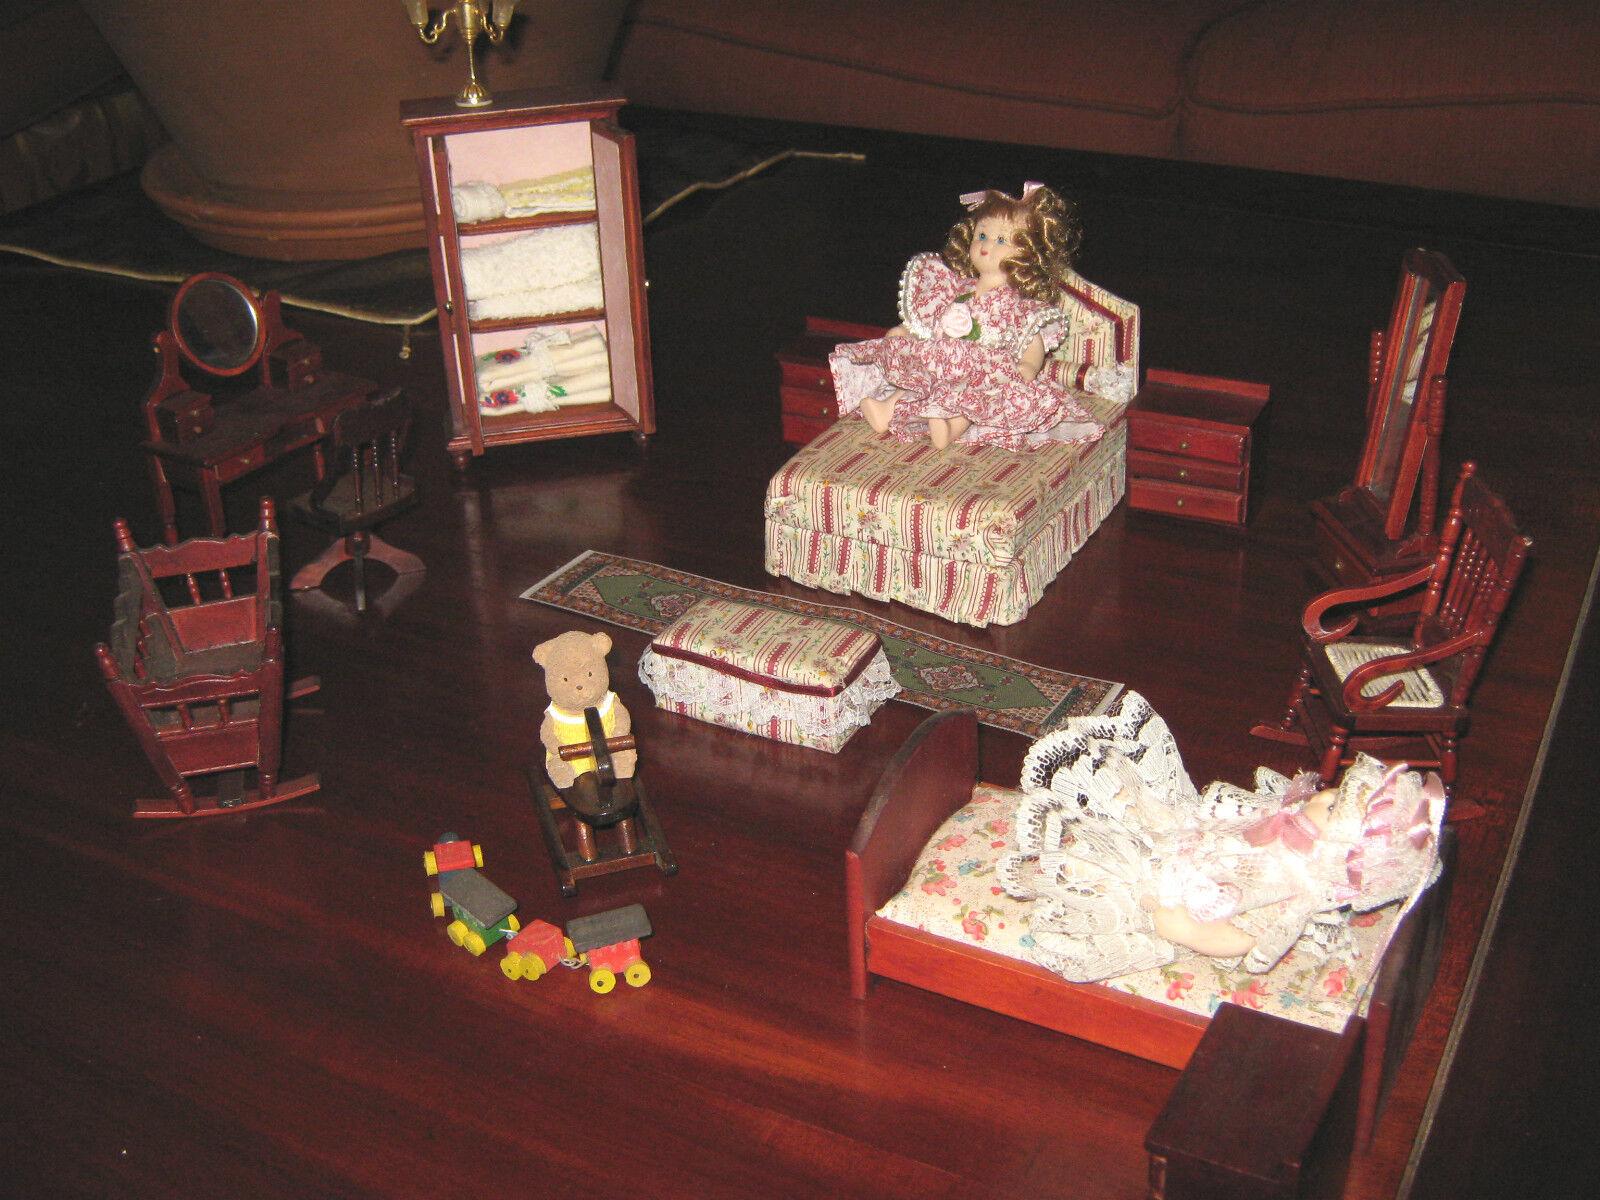 Doll's House/Camera Da Letto In legno In Stile Per Casette Delle Bambole pz.19